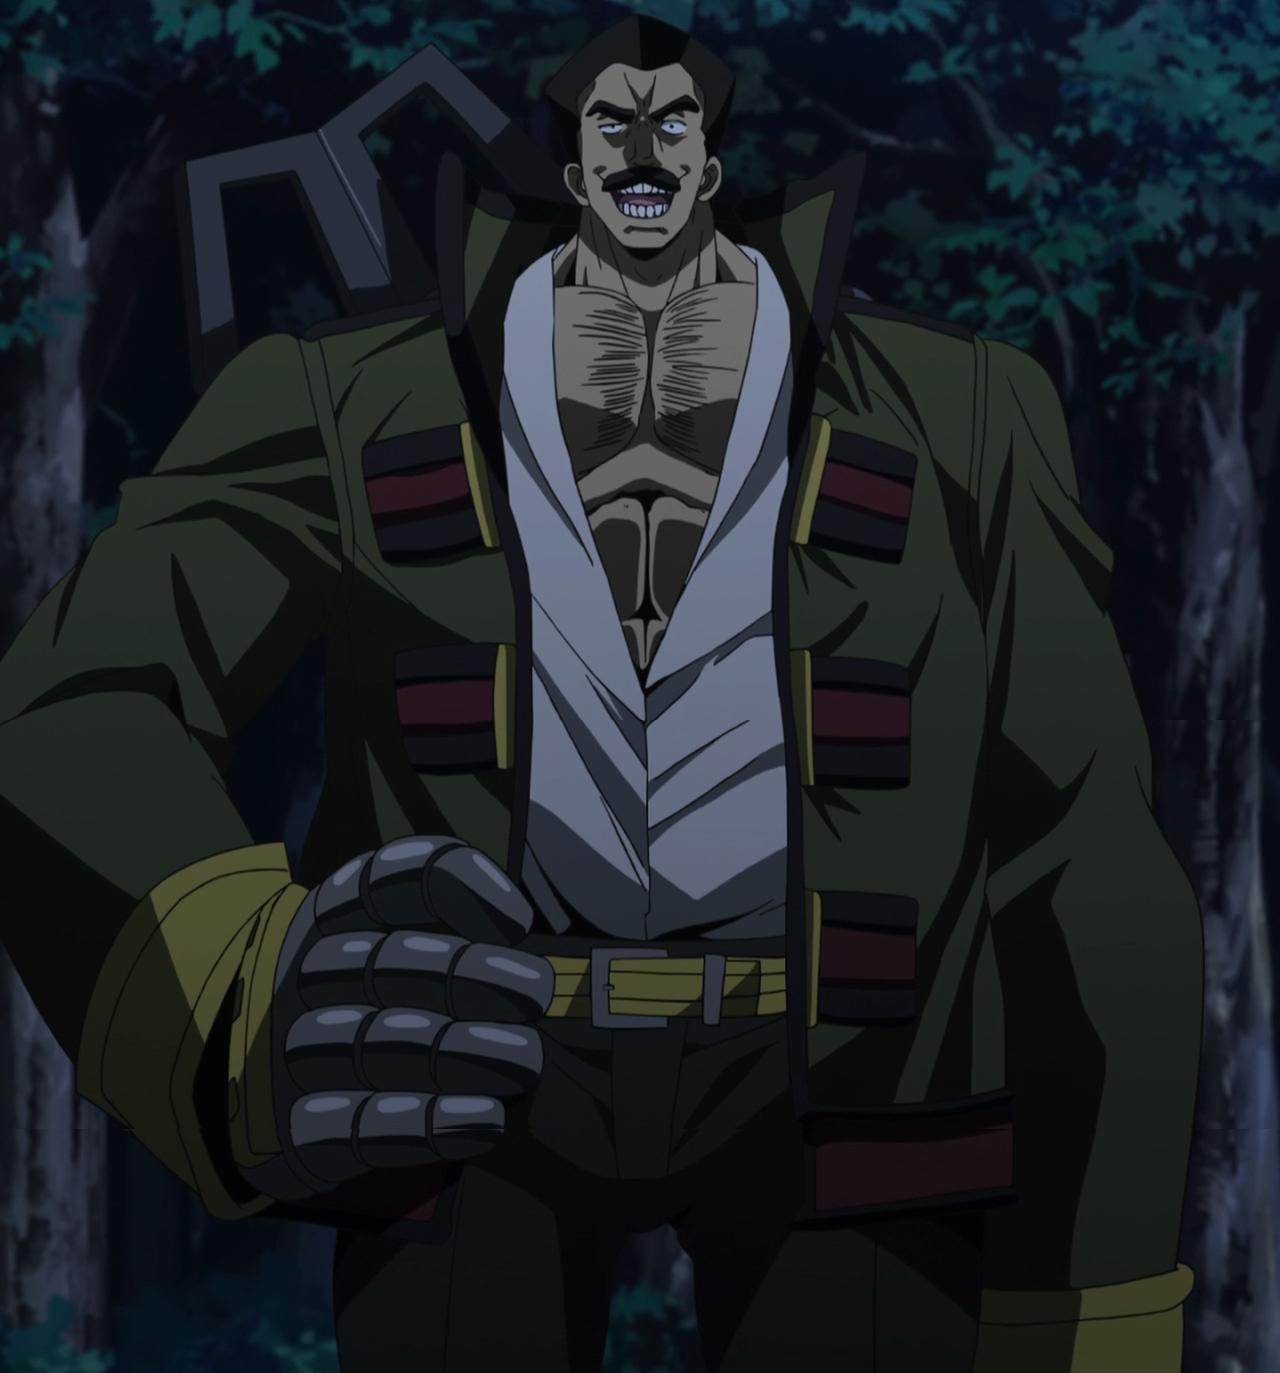 Archivo:Kaku Anime.jpg